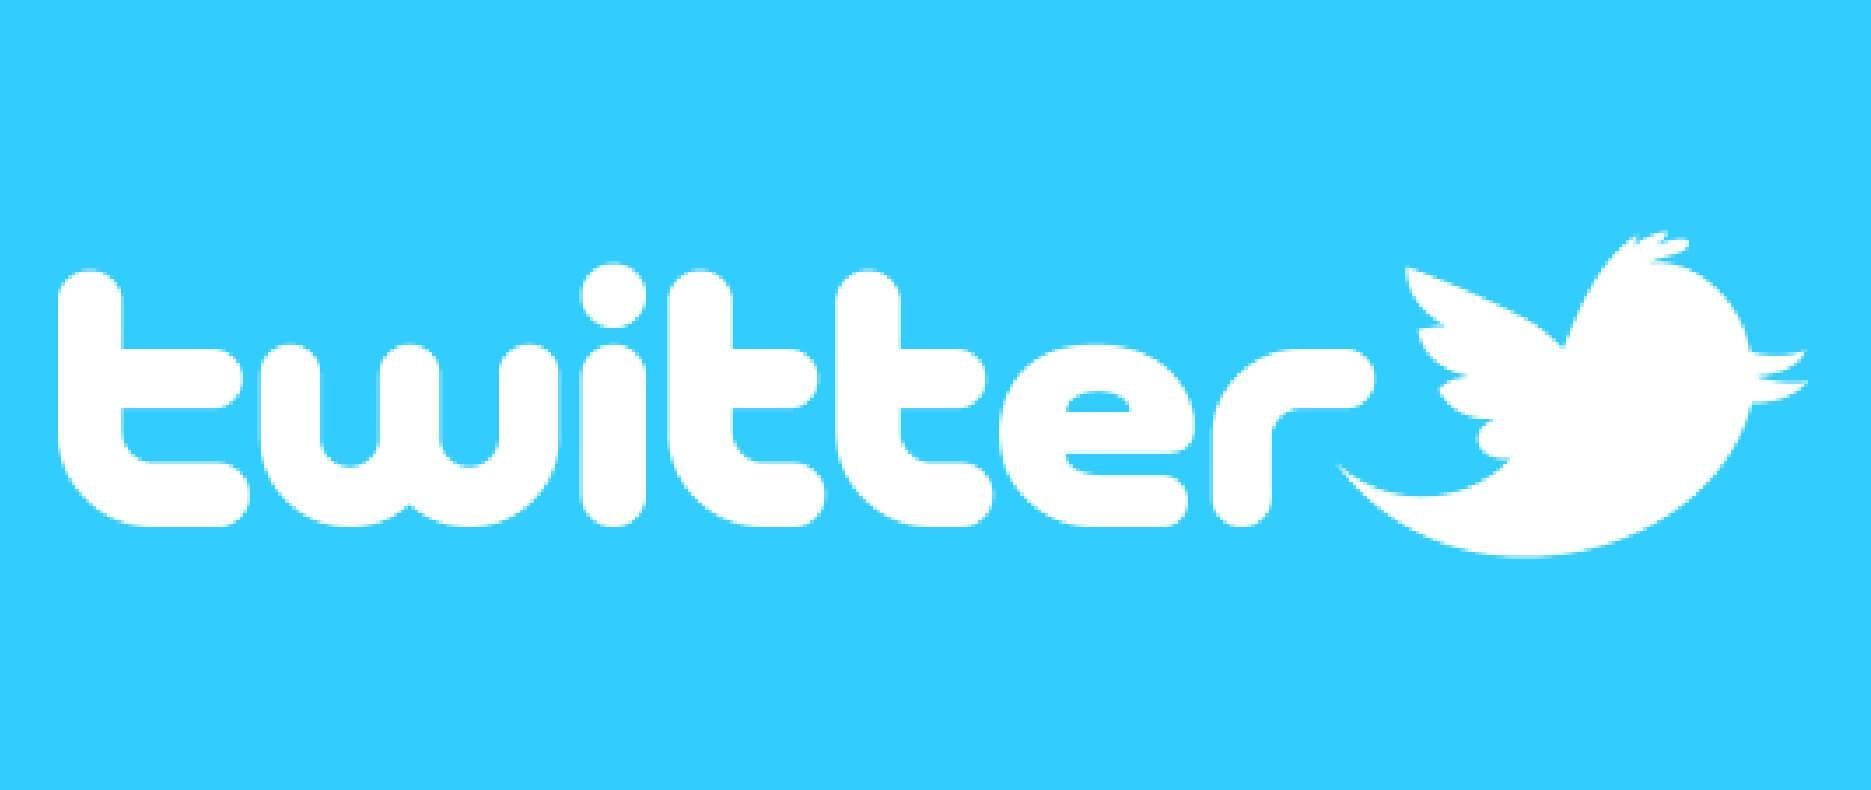 Автоматические лайки в твиттере. Автолайки Твиттер. Подписка на лайки в твиттере.